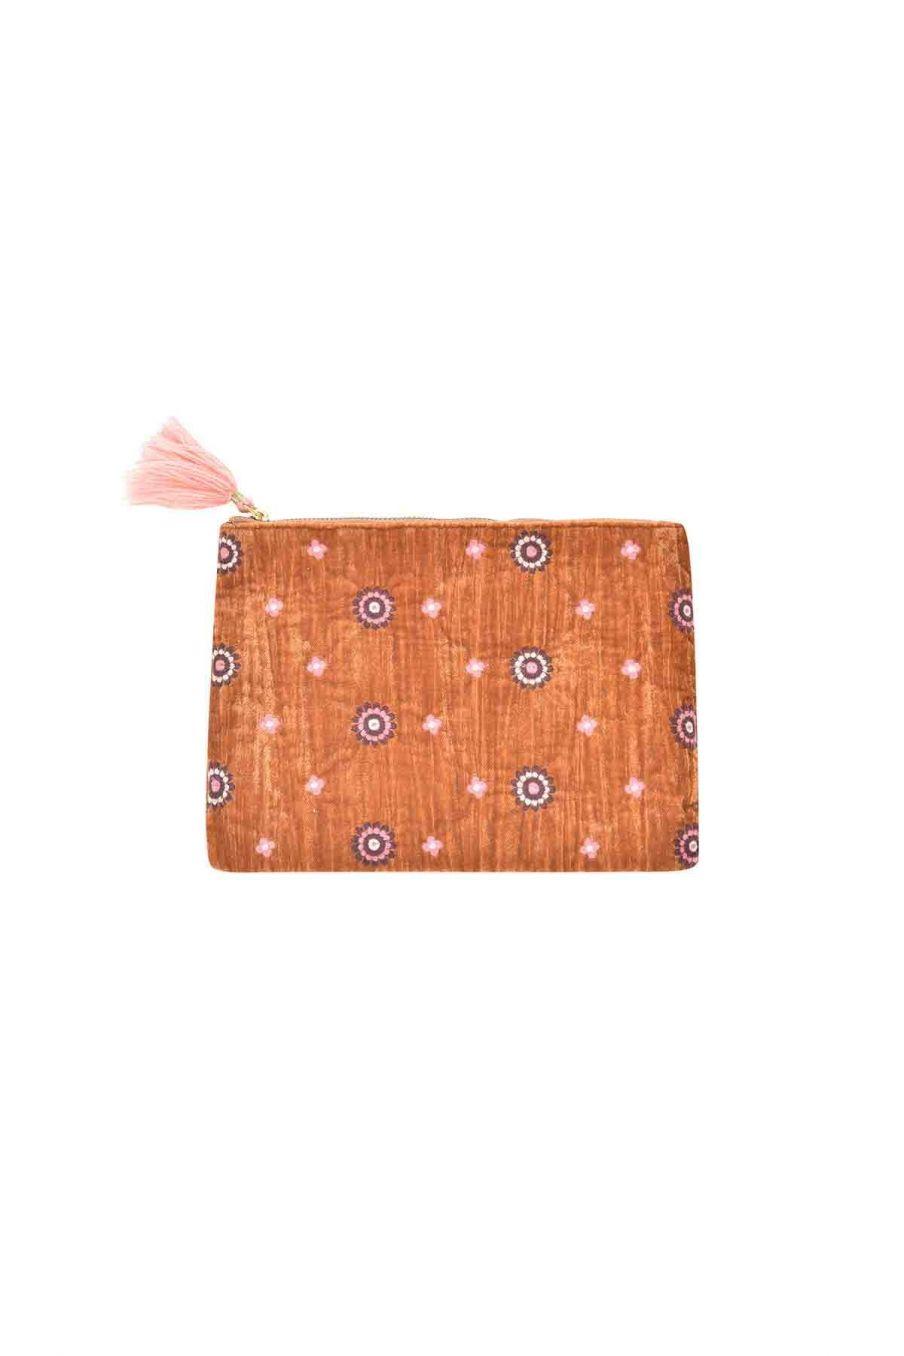 pochette d'ordinateur  maison hoa caramel - louise misha